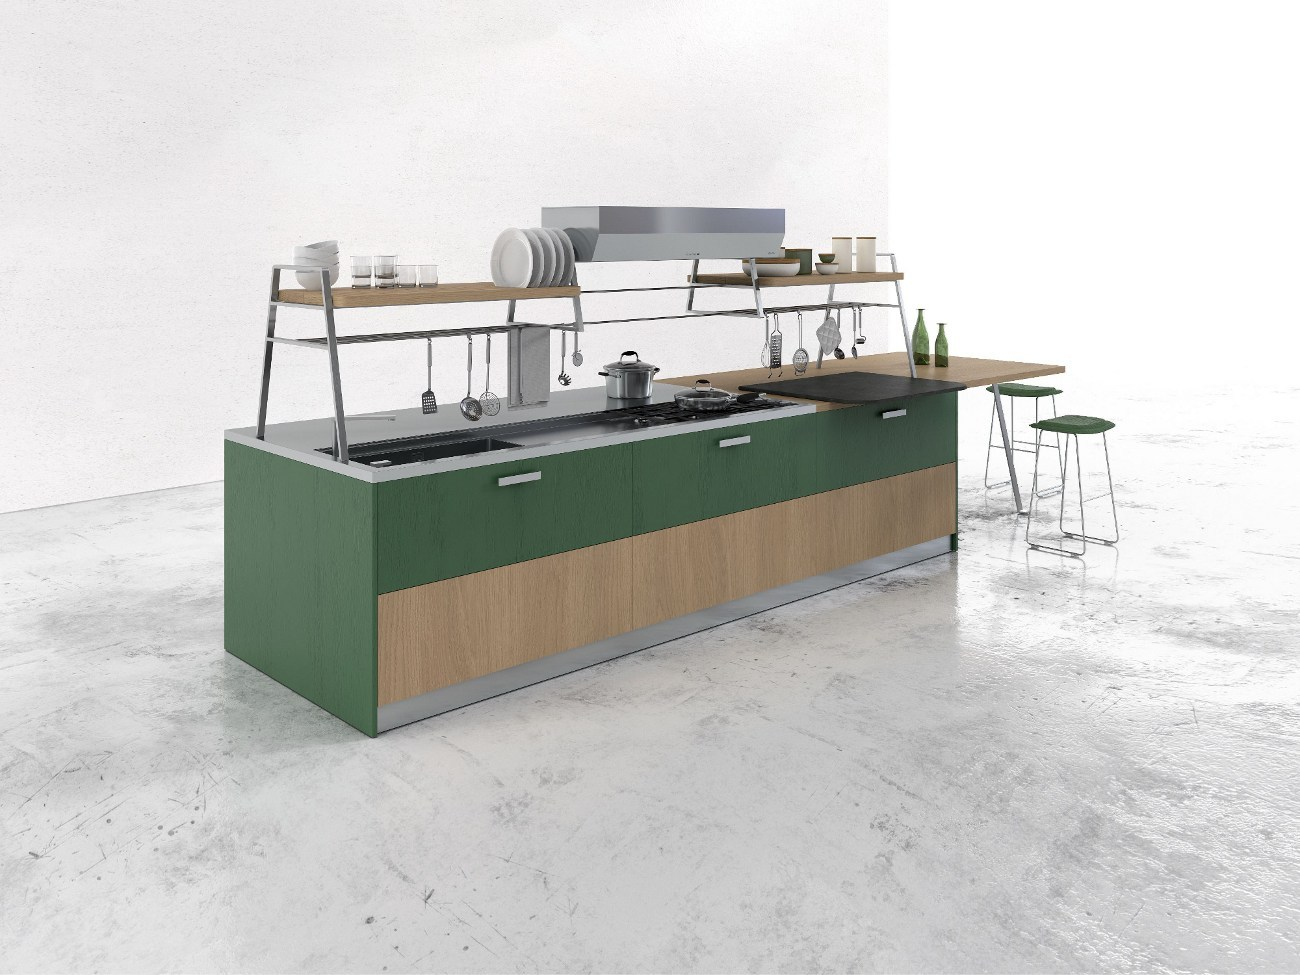 wood. solidtop srl piani di lavoro per la cucina mariano comense co ...